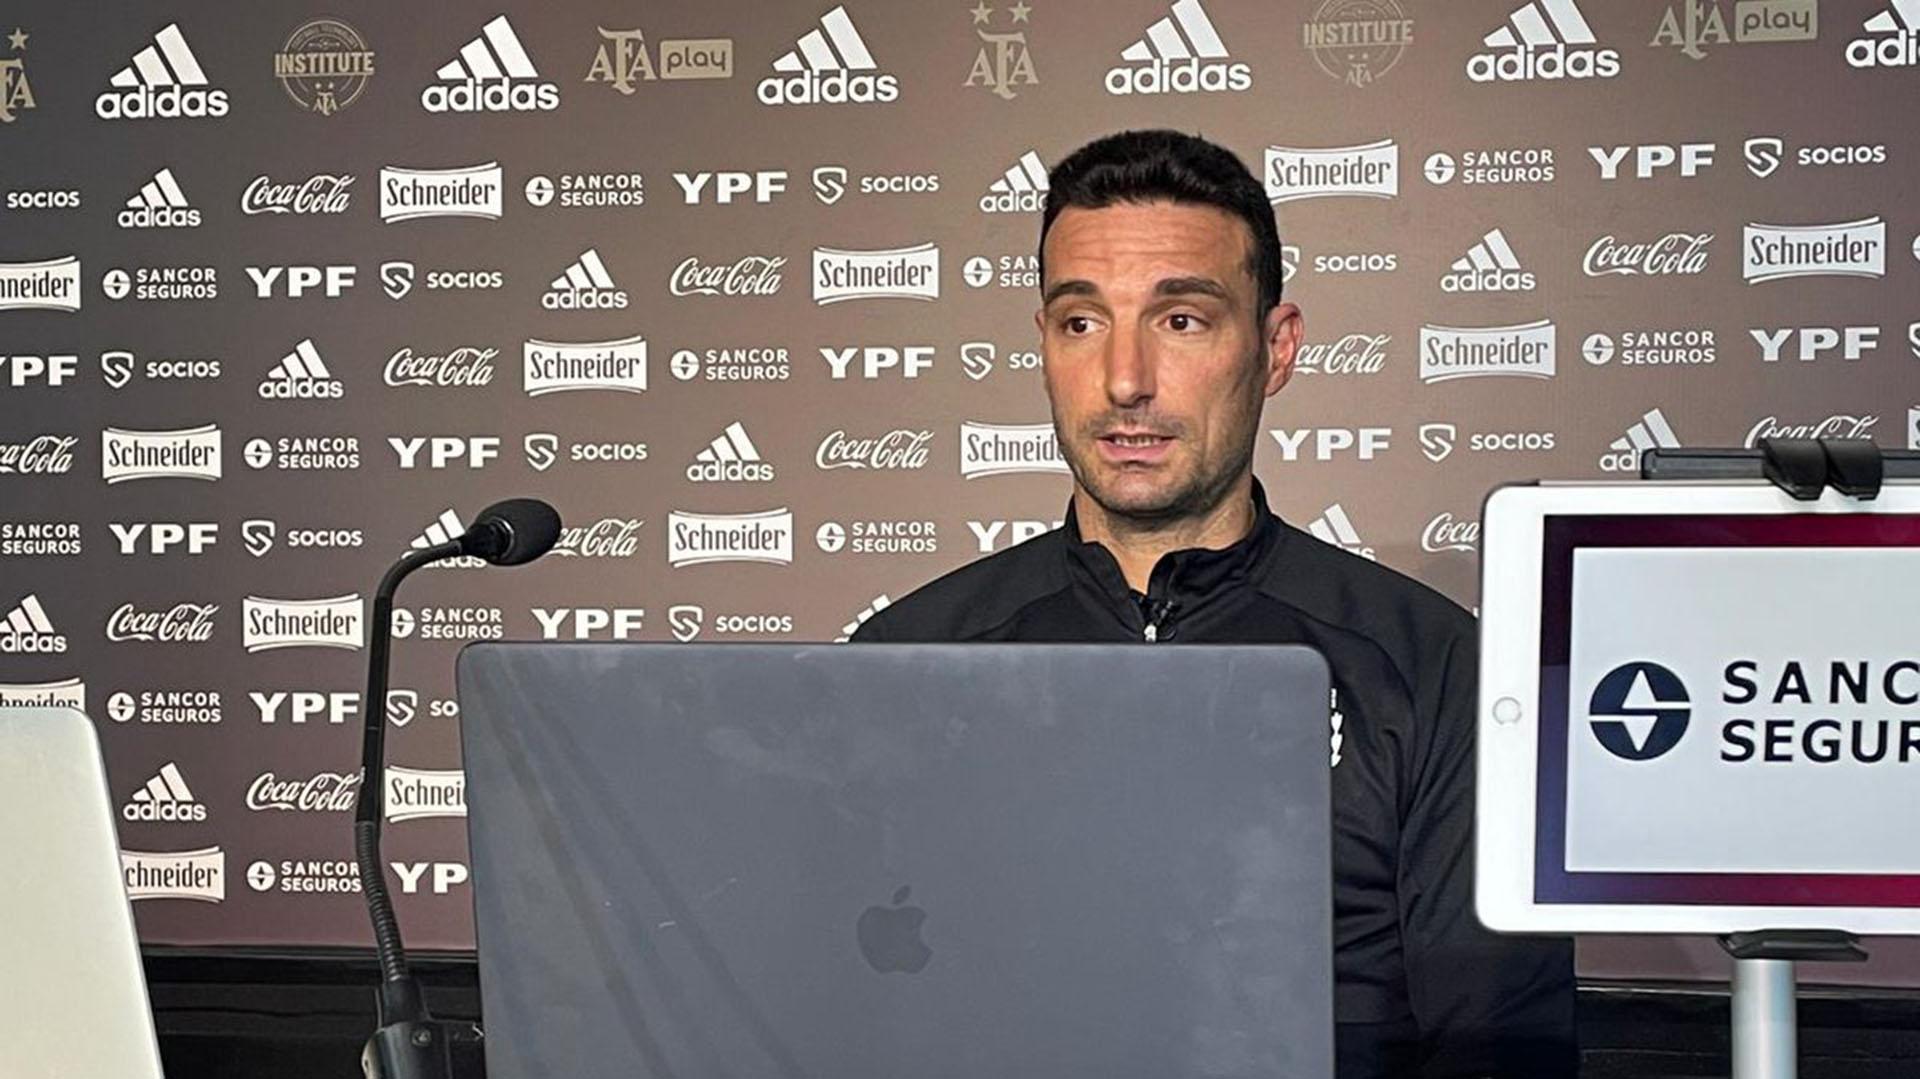 Scaloni no confirmó el equipo para enfrentar a Uruguay y habló sobre la falta de efectividad del equipo